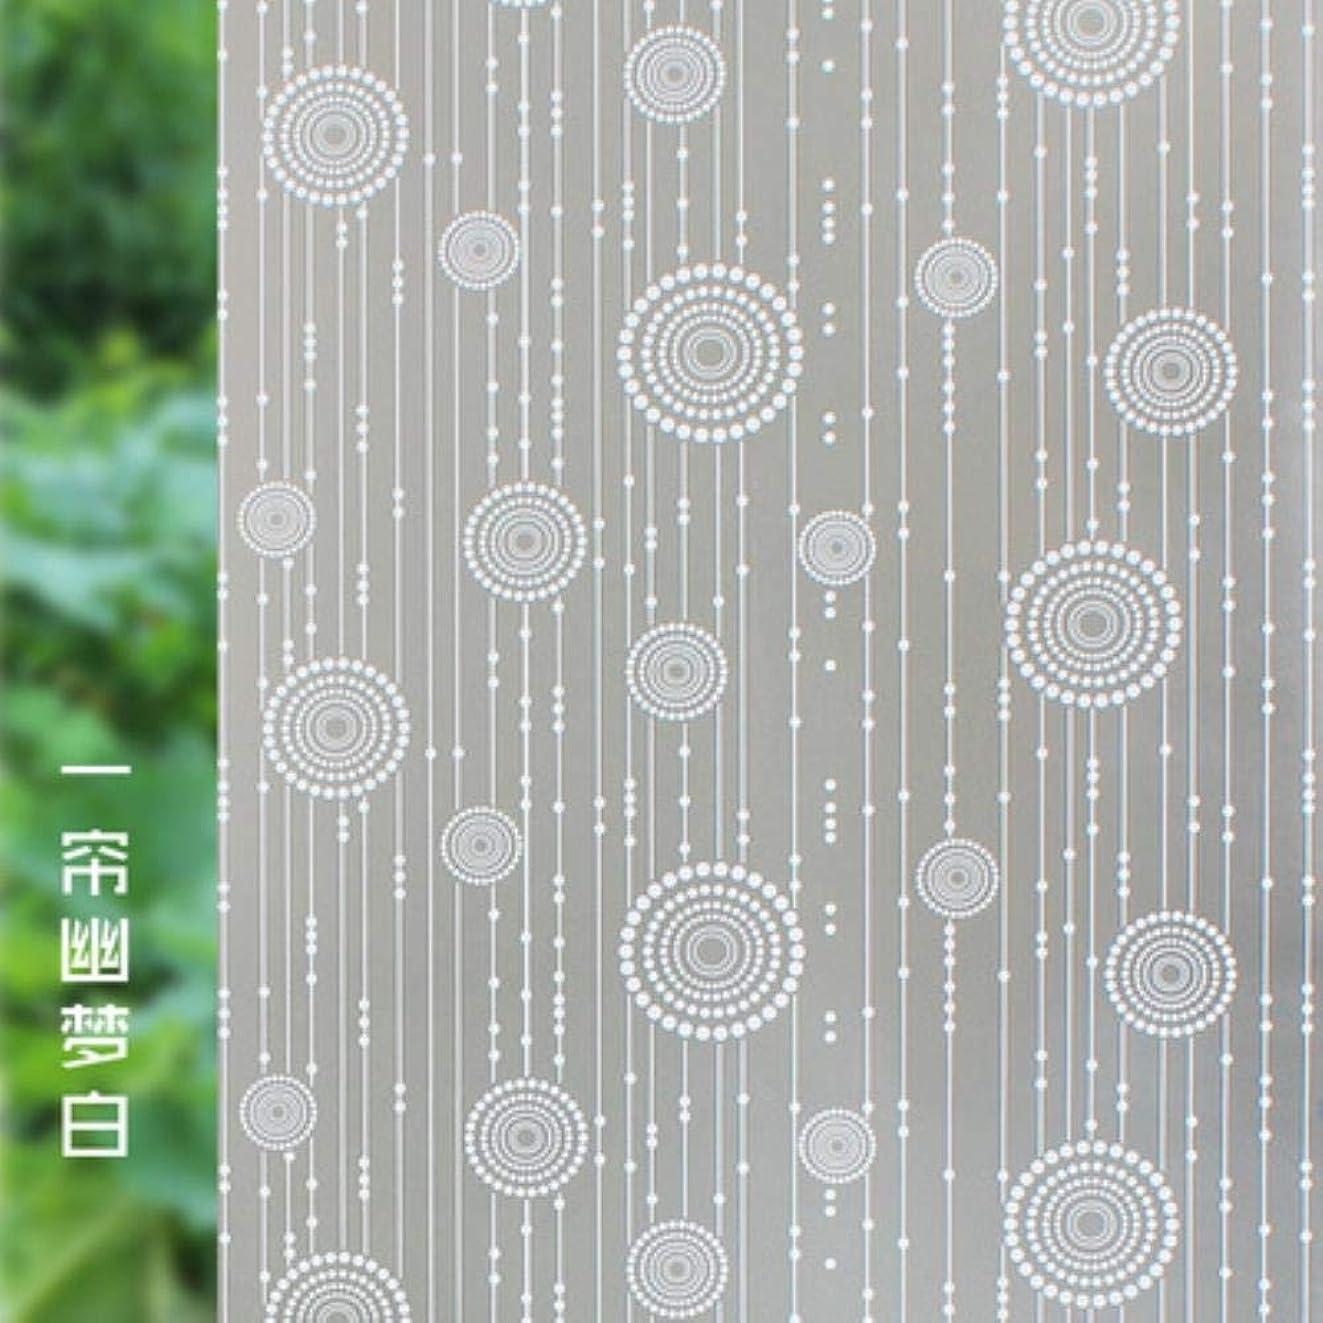 温度風が強い歪めるClaresnce ガラス装飾ウィンドウフィルム ガラスステッカー 2019 自己粘着フィルム 曇りガラス スライドドア バスルーム トイレ 防水 半透明 不透明 窓フィルム 17.7 x 78.7インチ 17.7